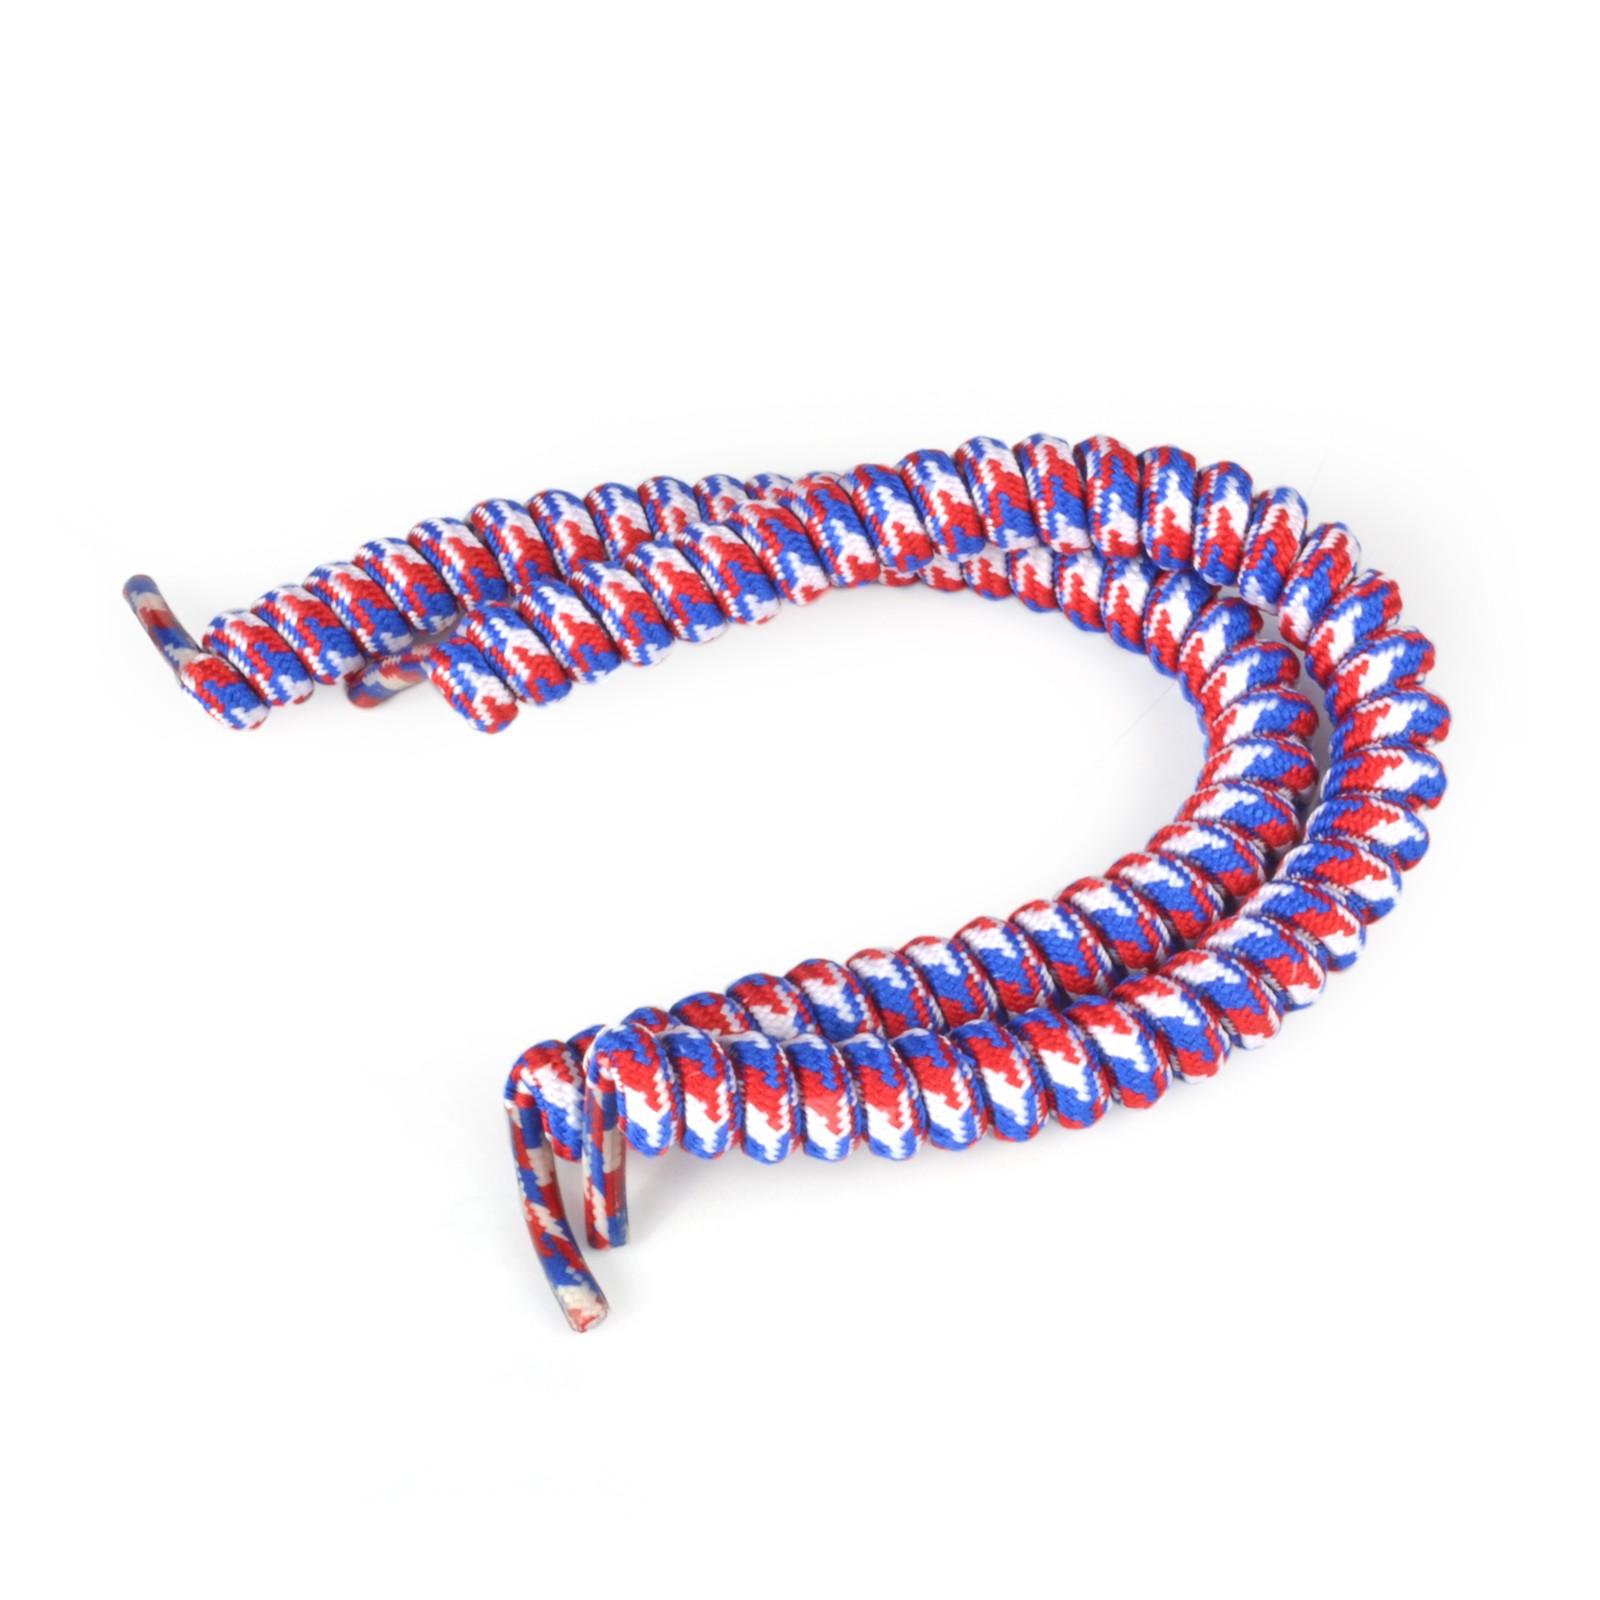 Red White & Blue, No Tie Laces : Vizi Coil Spring Laces